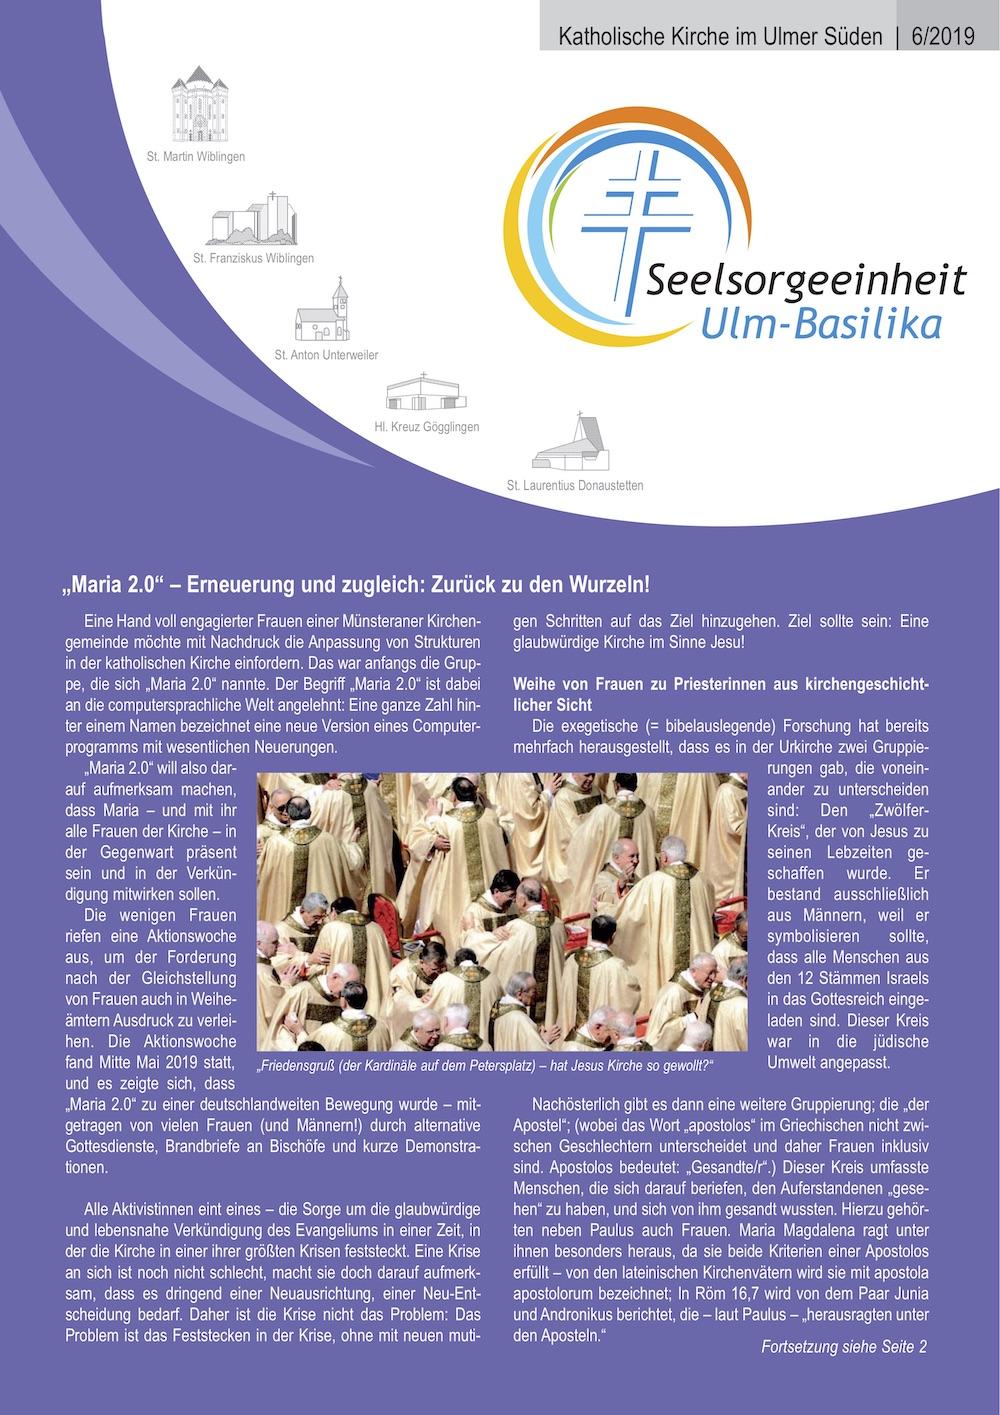 Katholische Kirche im Ulmer Süden 6 - 2019